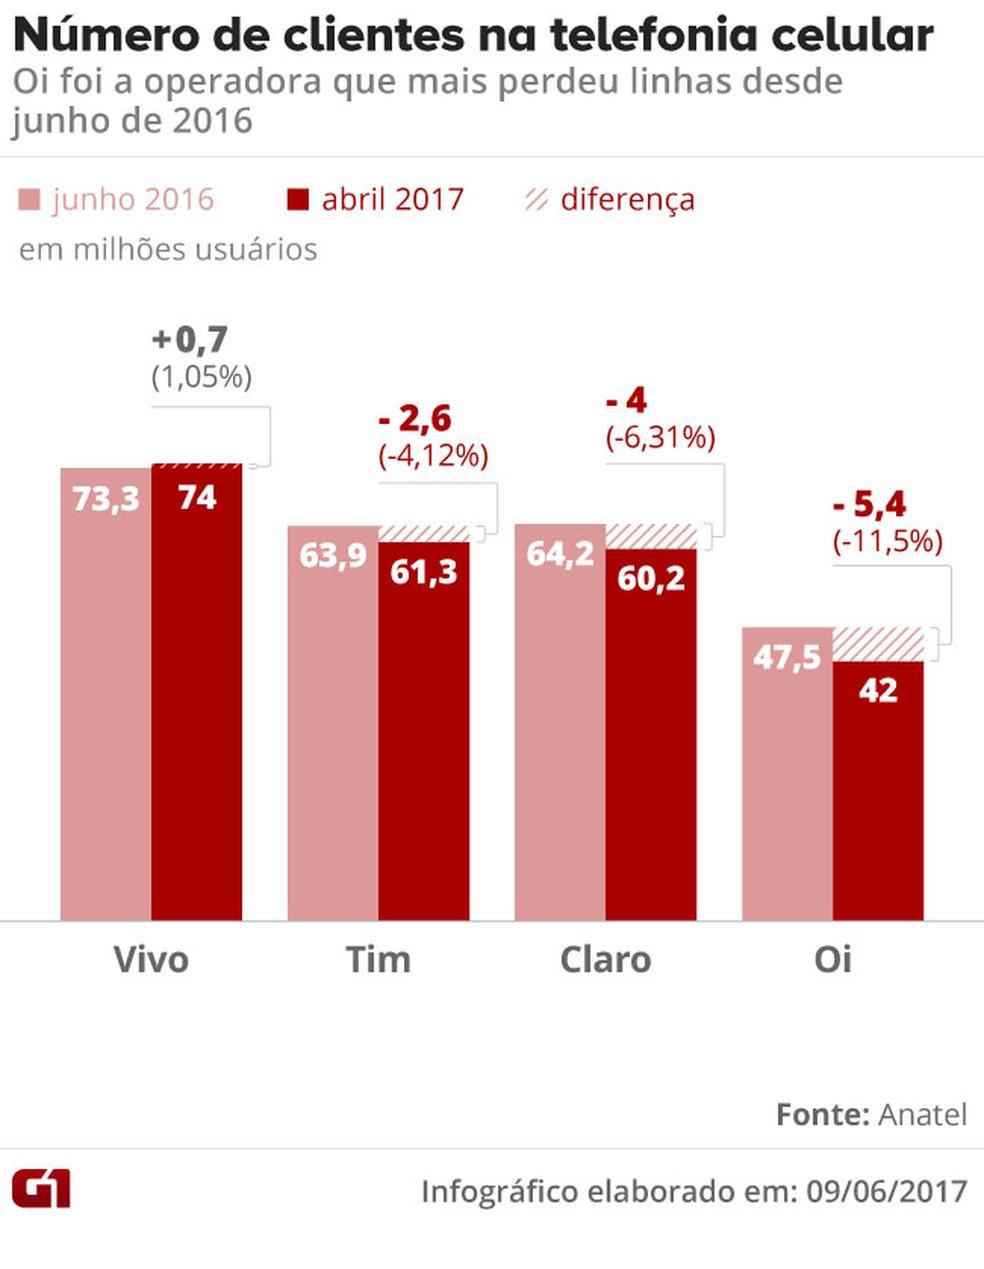 Oi perdeu 11,5% dos clientes de telefonia celular (pré e pós-pago) entre junho de 2016 e abril de 2017 (Foto: Arte/G1)